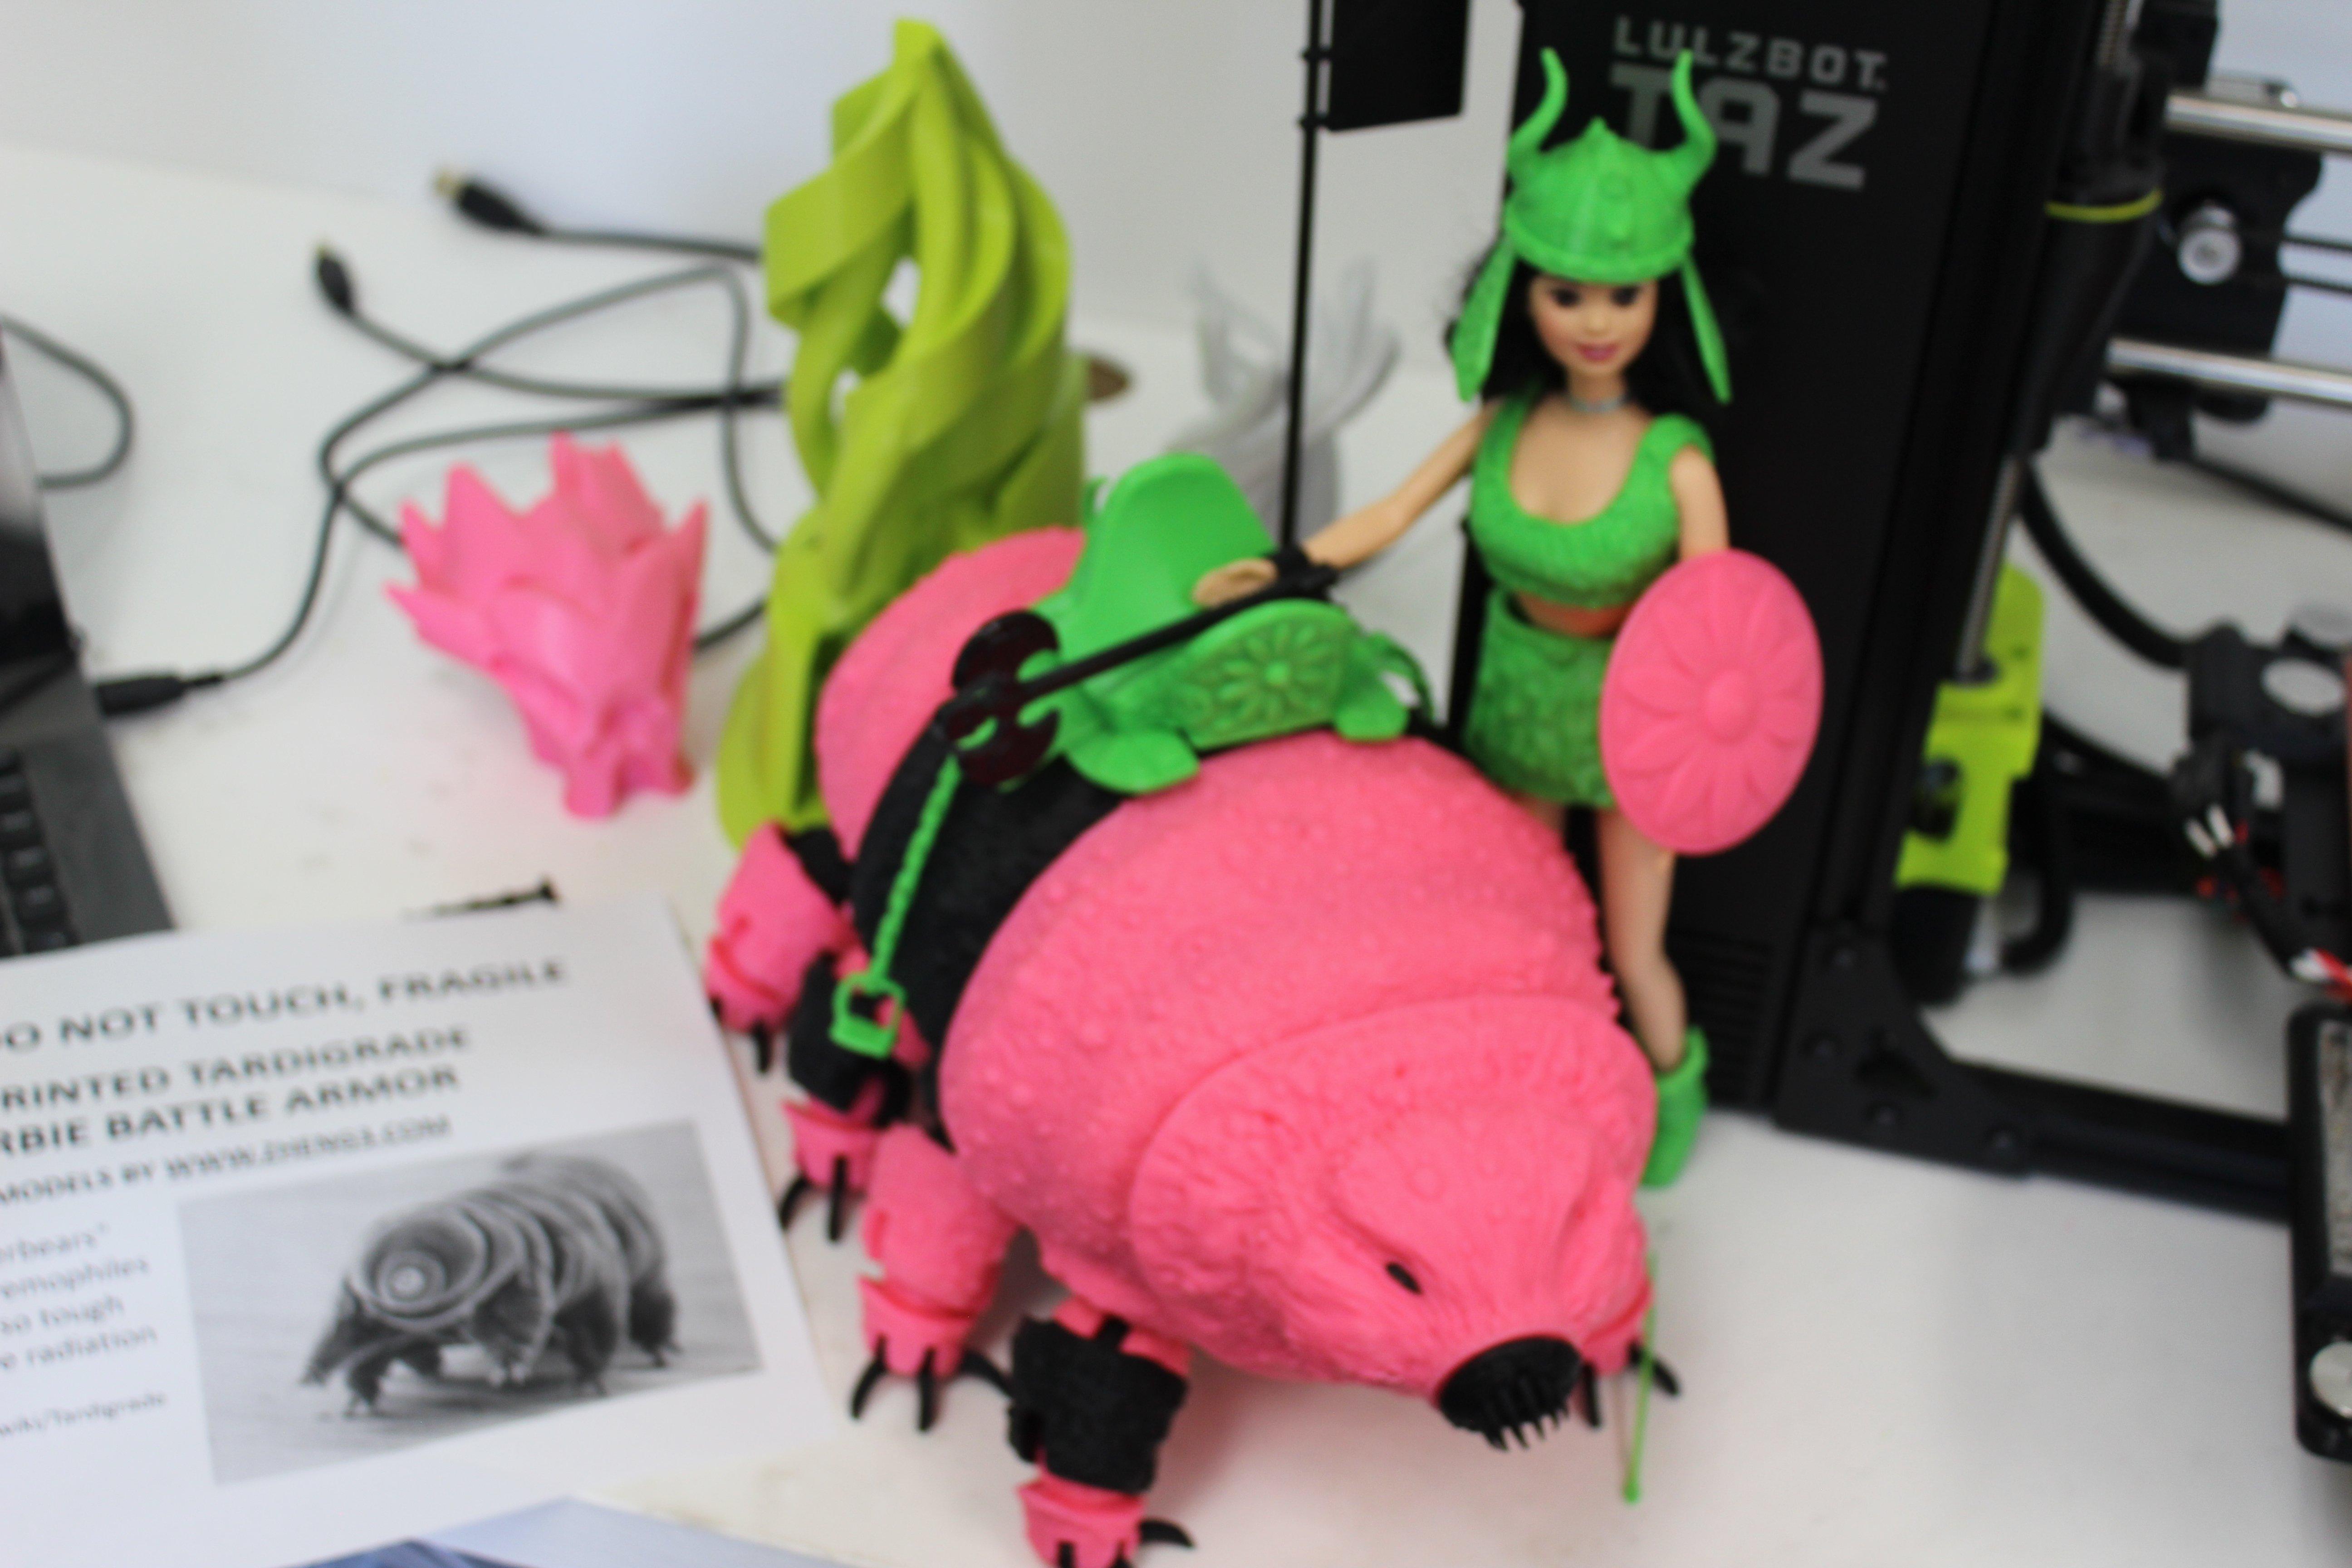 Barbie Armor